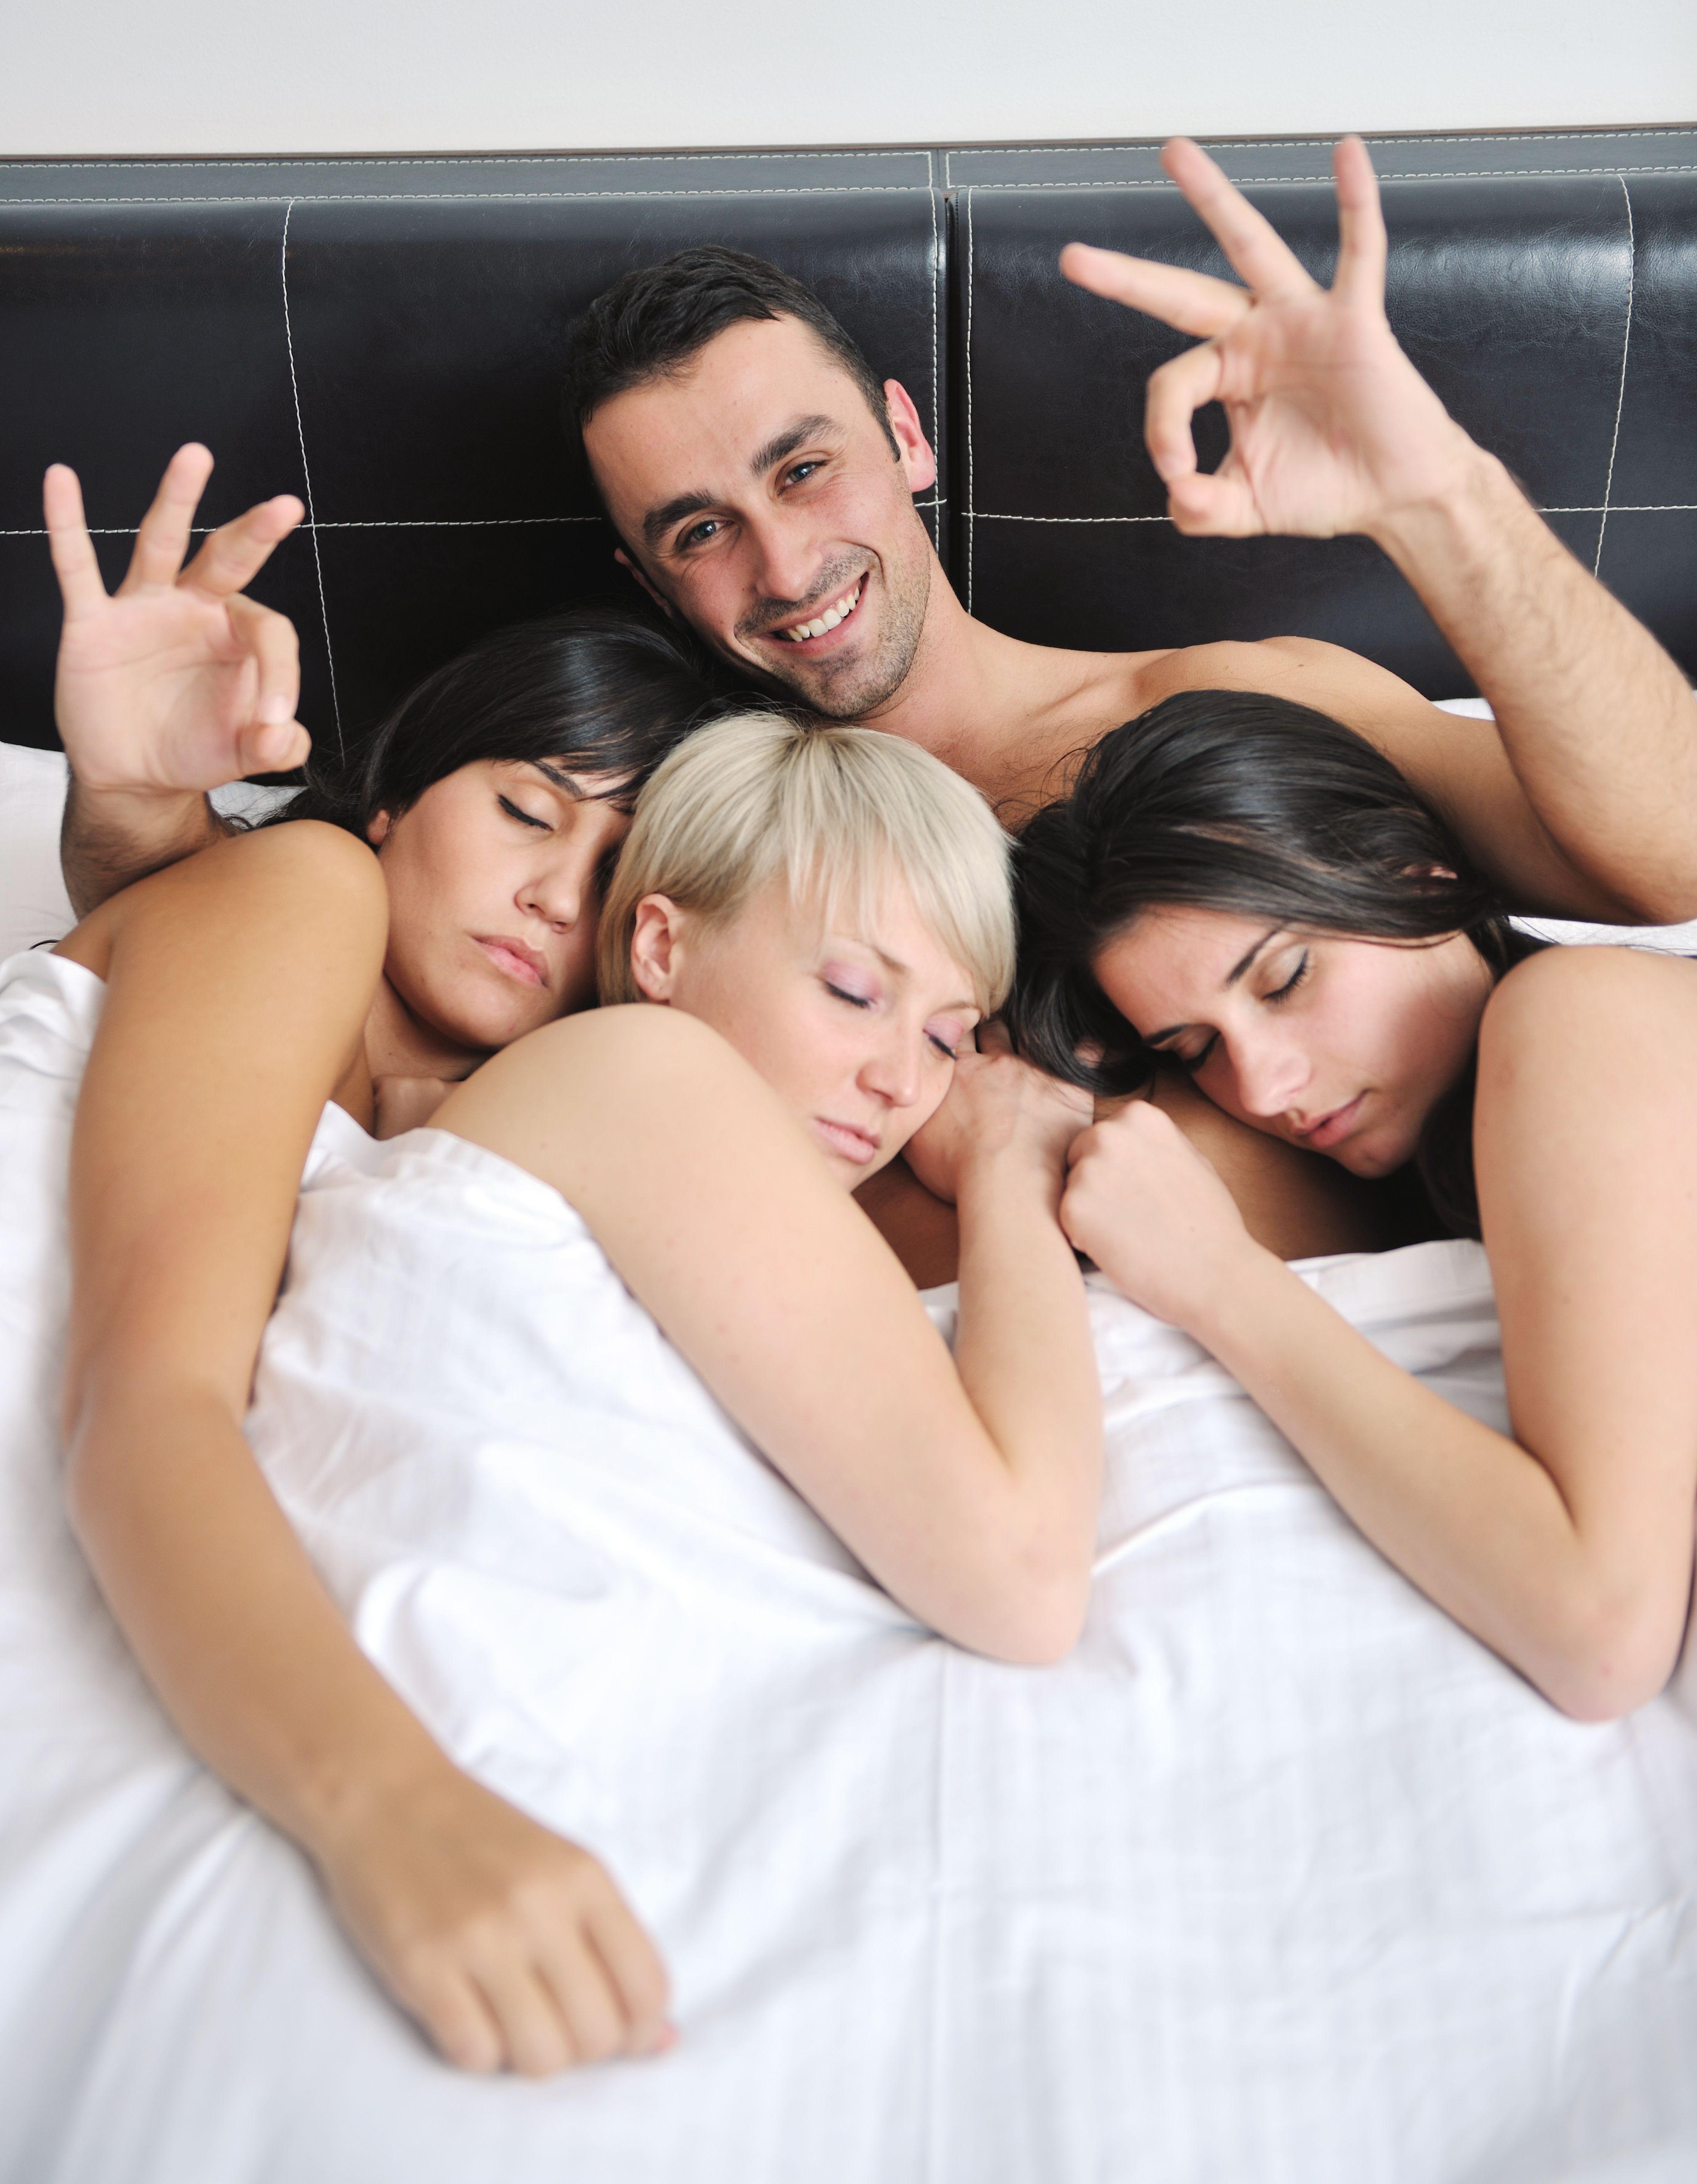 orgías orgias sexo en grupo orgies in Barcelona group sex in Barcelona orgy